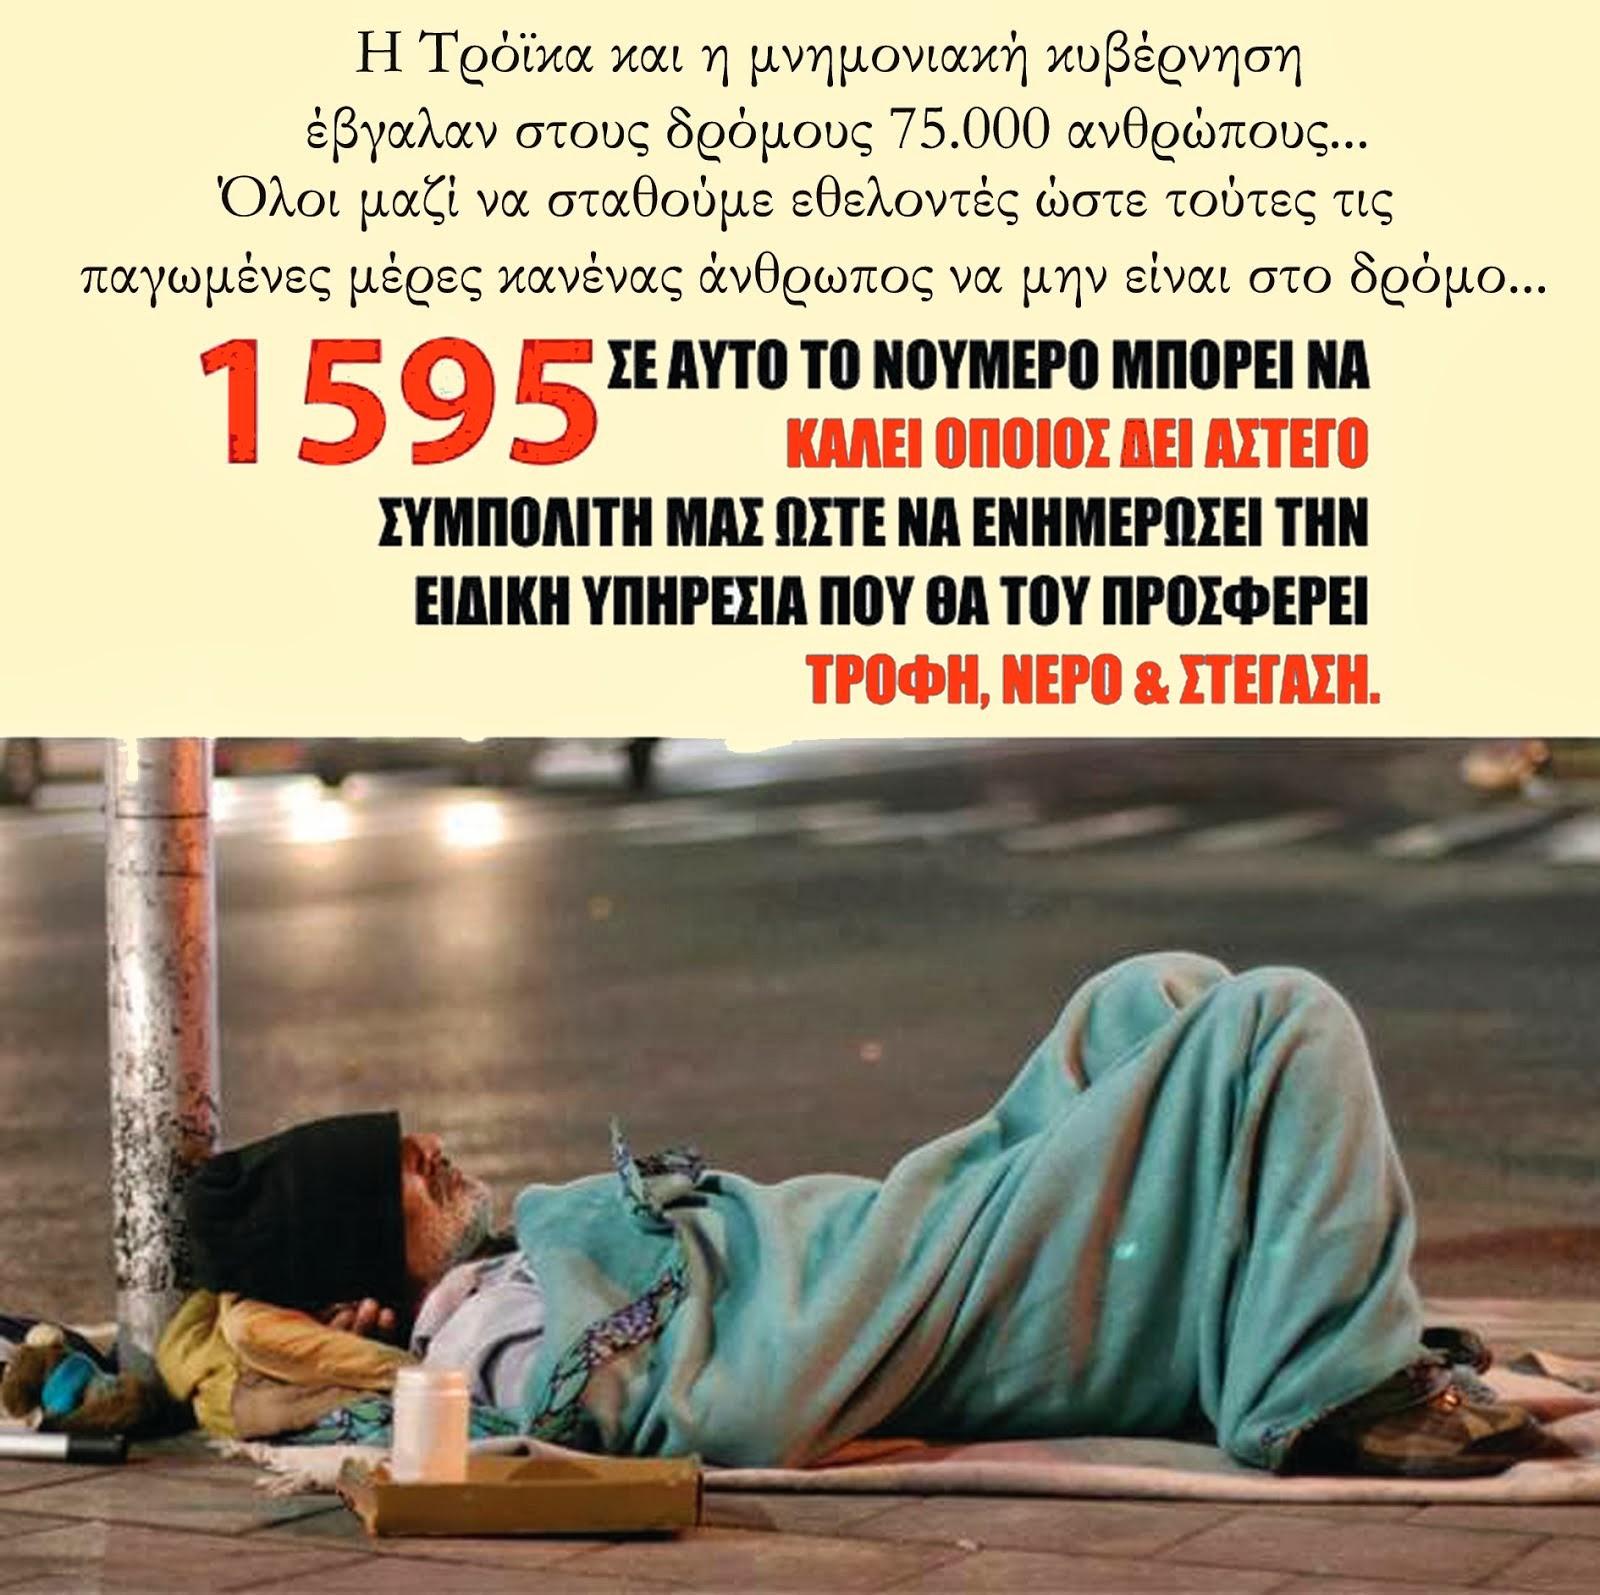 1595 - καλούμε όταν δούμε άστεγο